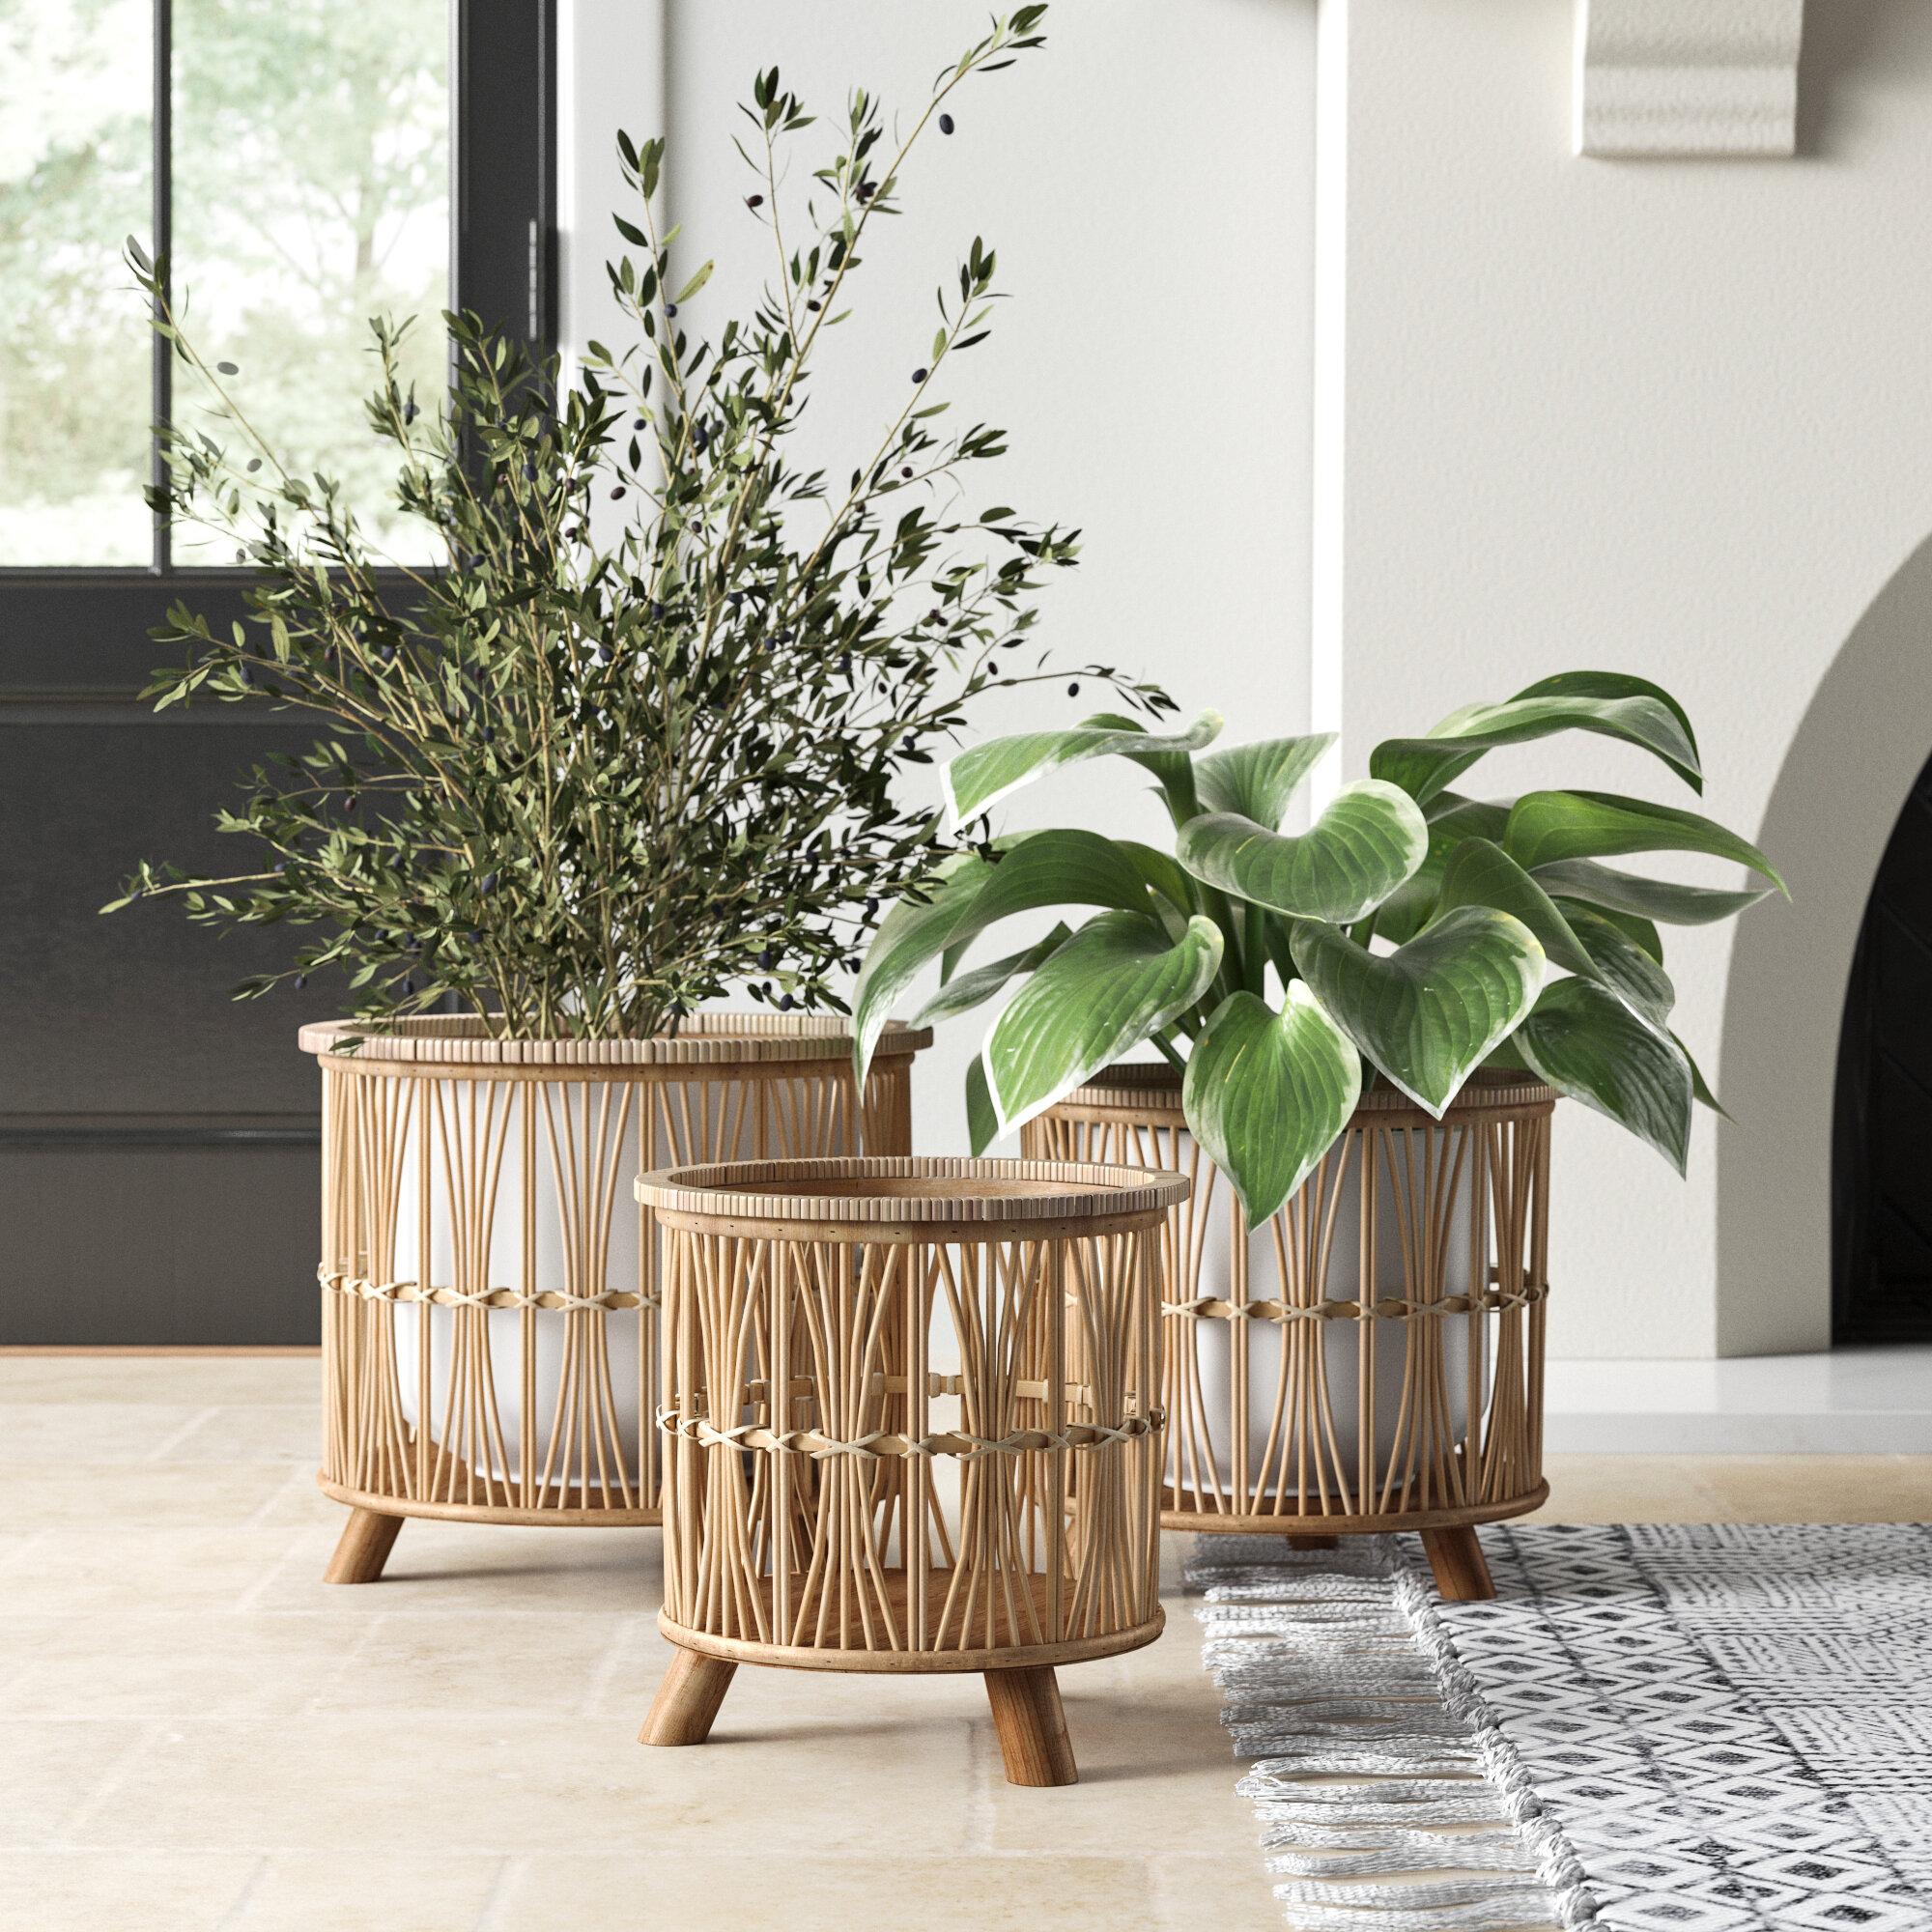 Woven Footed 3 Piece Bamboo Basket Set Reviews Joss Main